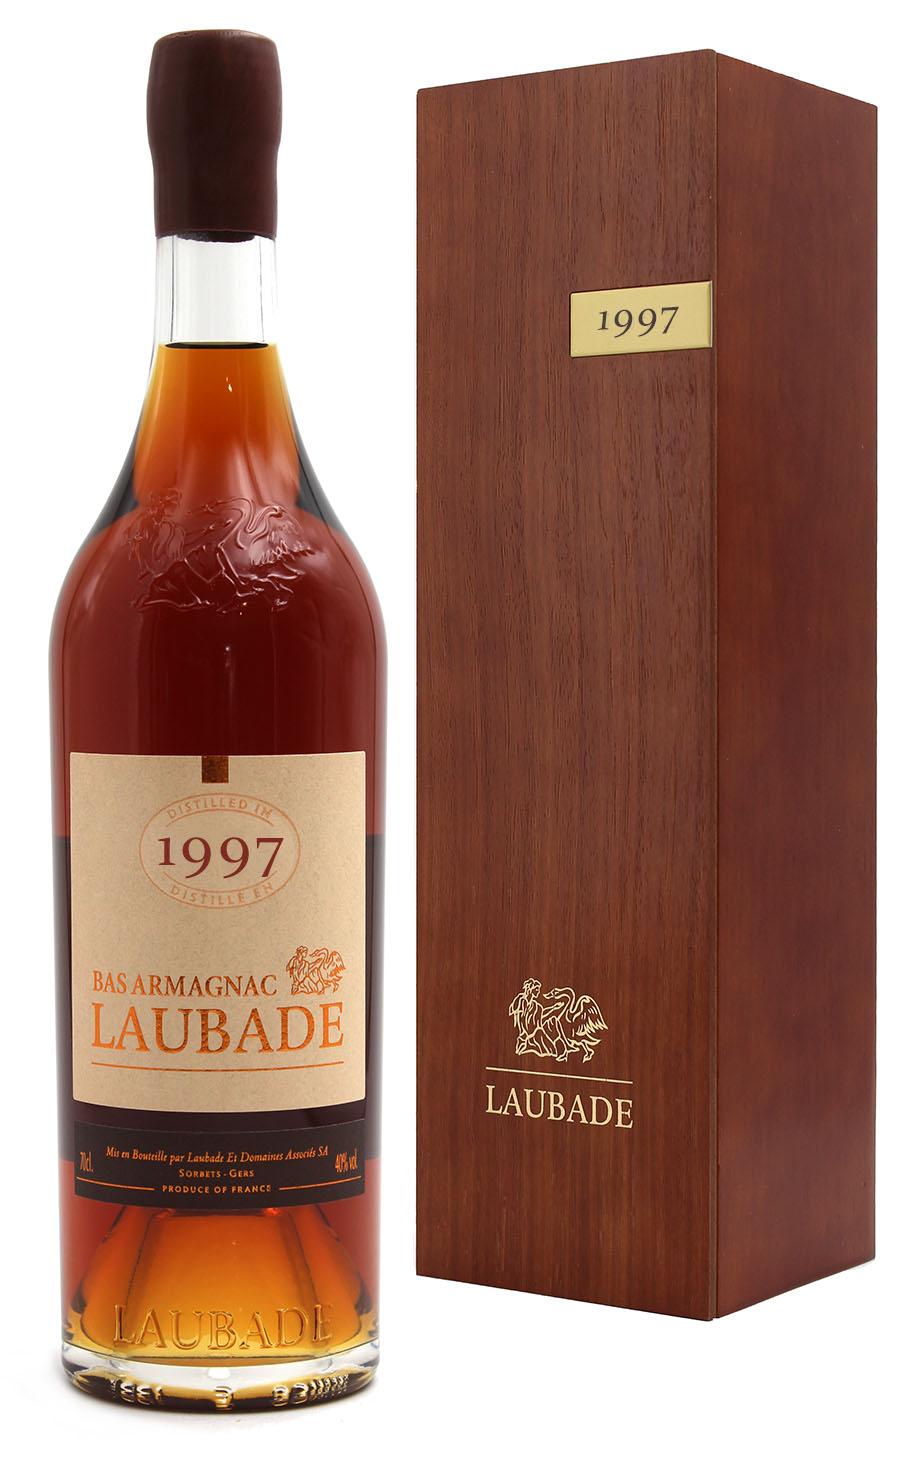 Bas Armagnac Laubade 1997  - 70cl